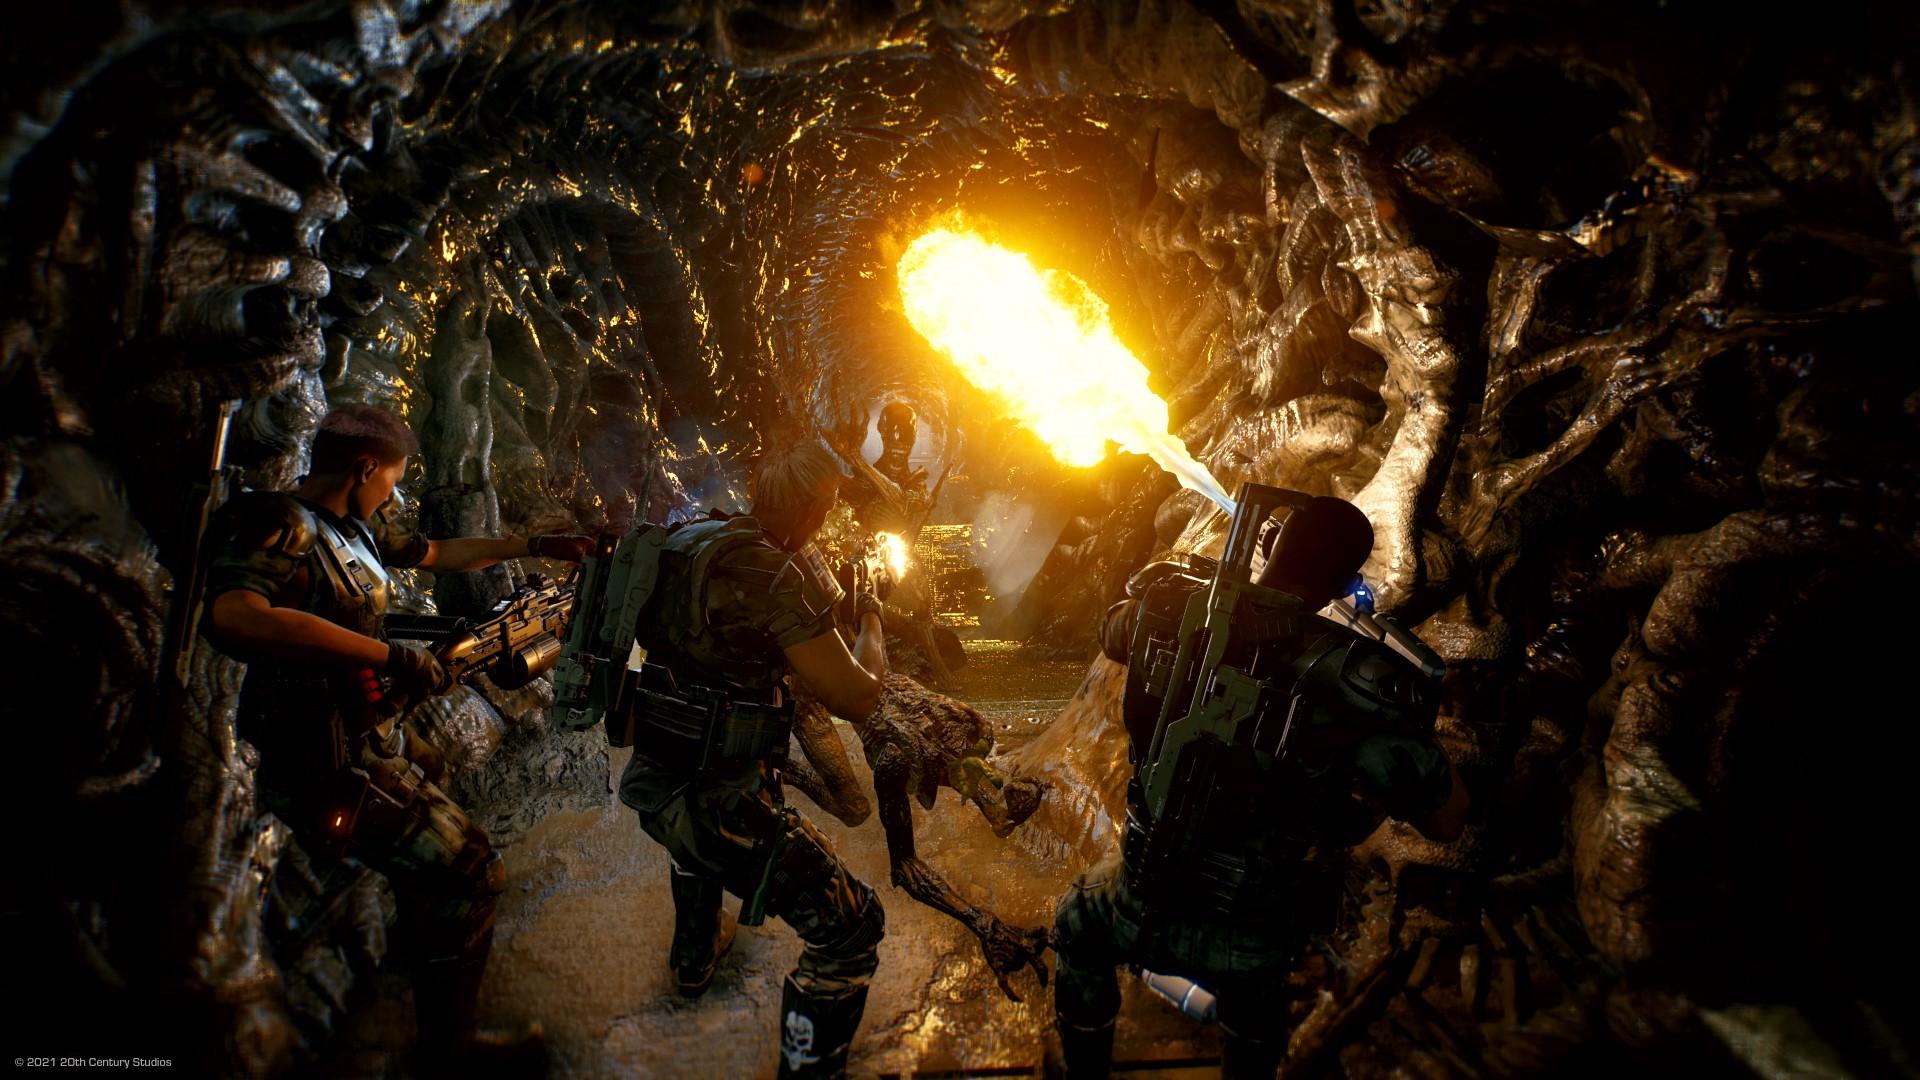 Aliens: Fireteam Elite launches on Steam in August